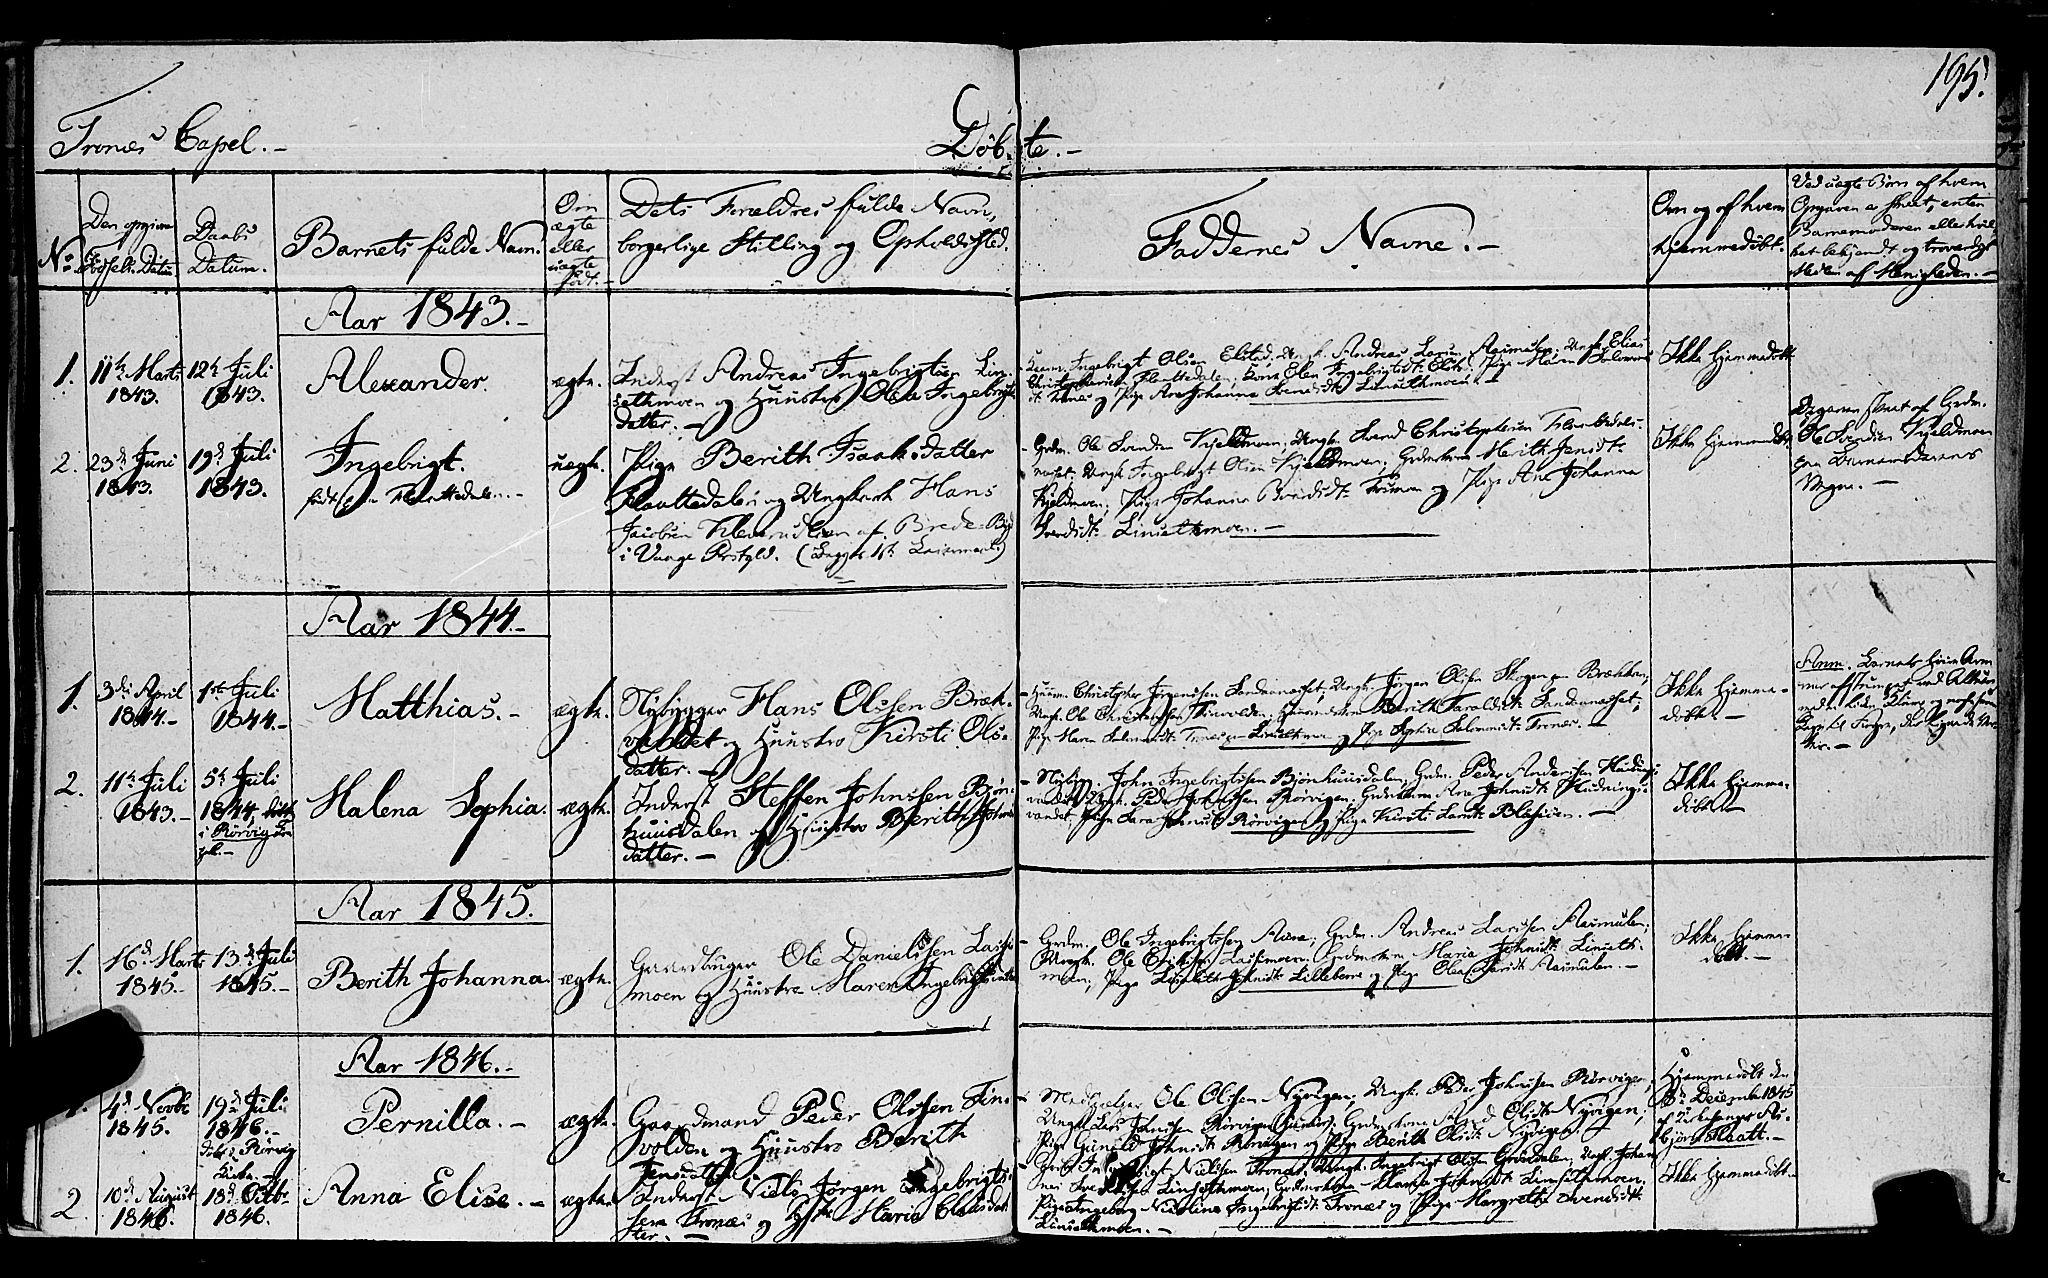 SAT, Ministerialprotokoller, klokkerbøker og fødselsregistre - Nord-Trøndelag, 762/L0538: Ministerialbok nr. 762A02 /2, 1833-1879, s. 195